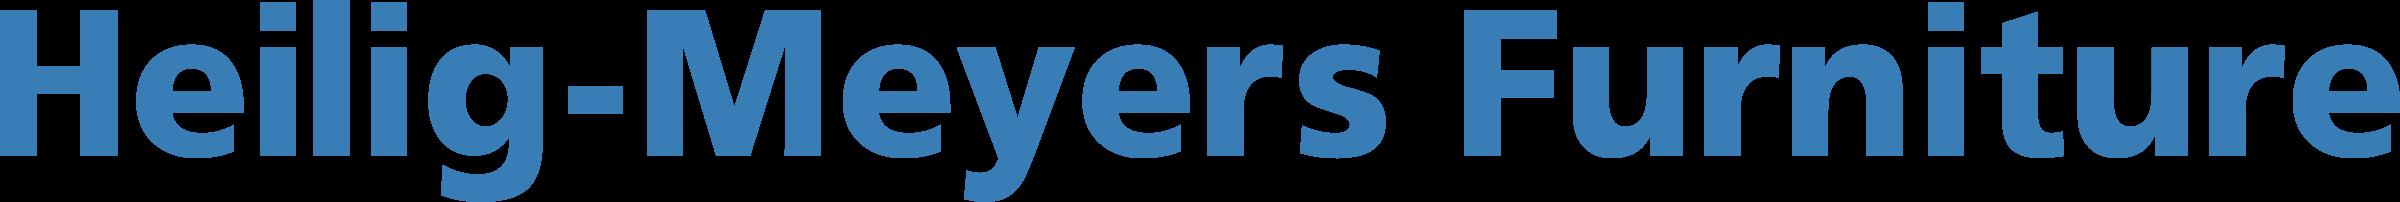 Heilig Meyers Furniture 1 Logo PNG Transparent